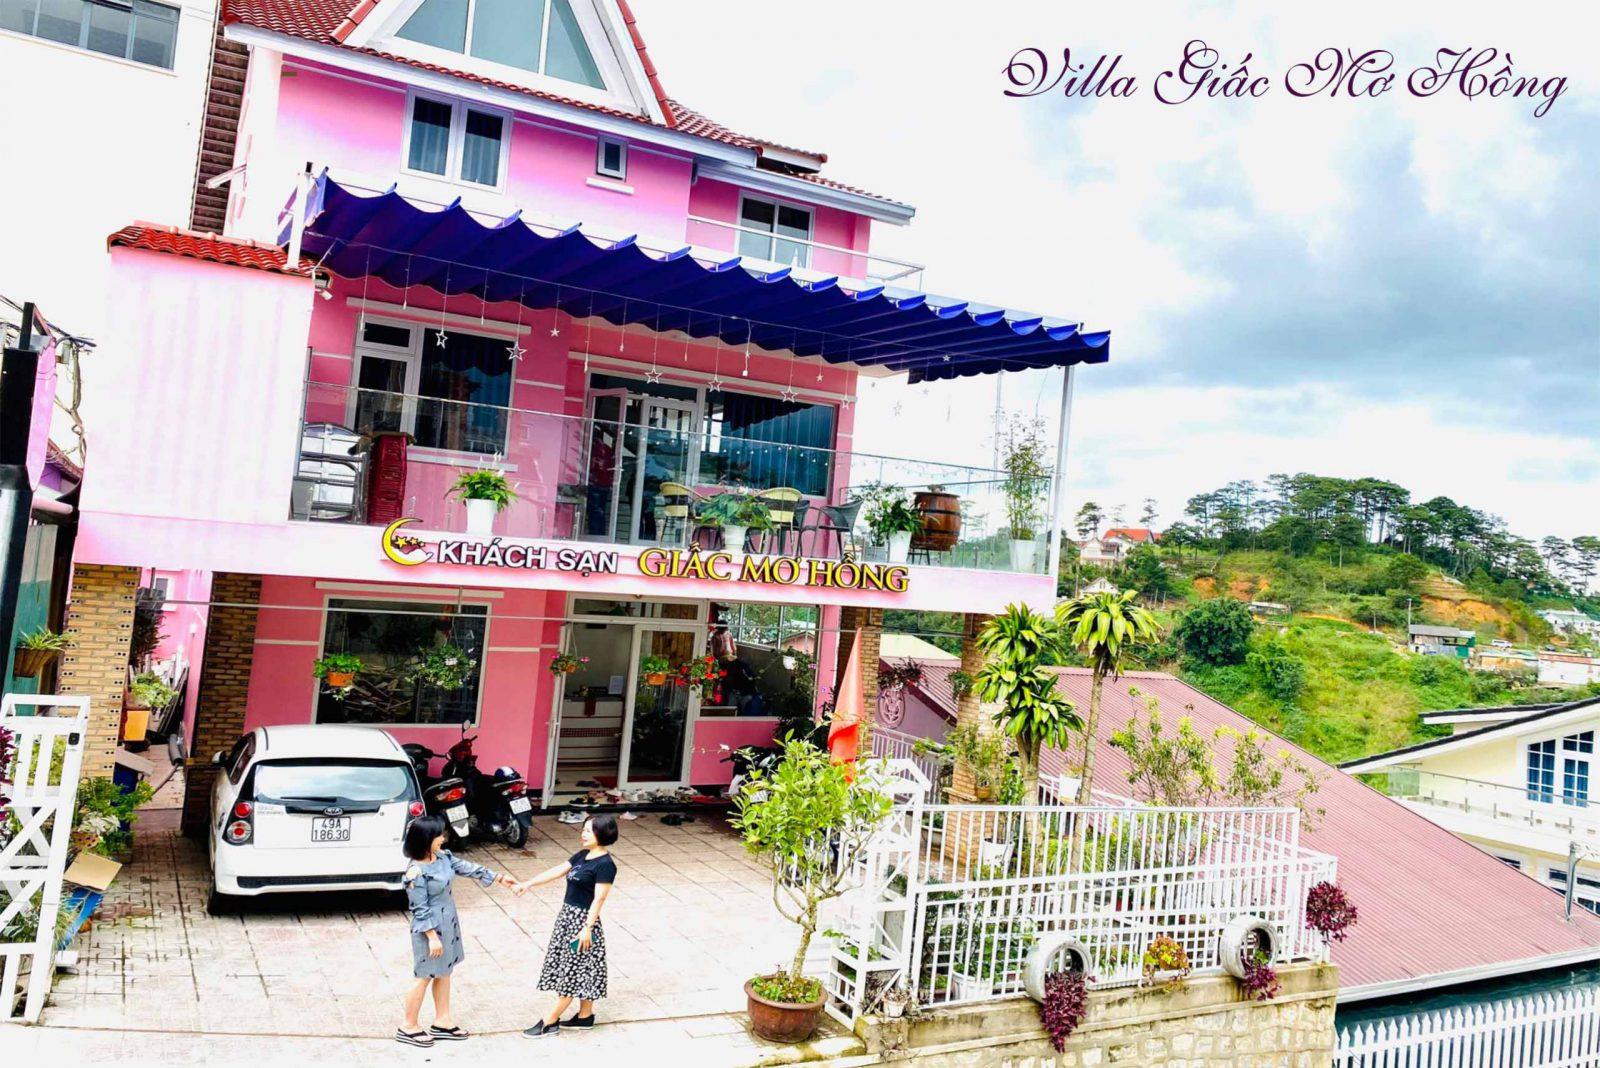 Villa giấc mơ hồng Đà Lạt